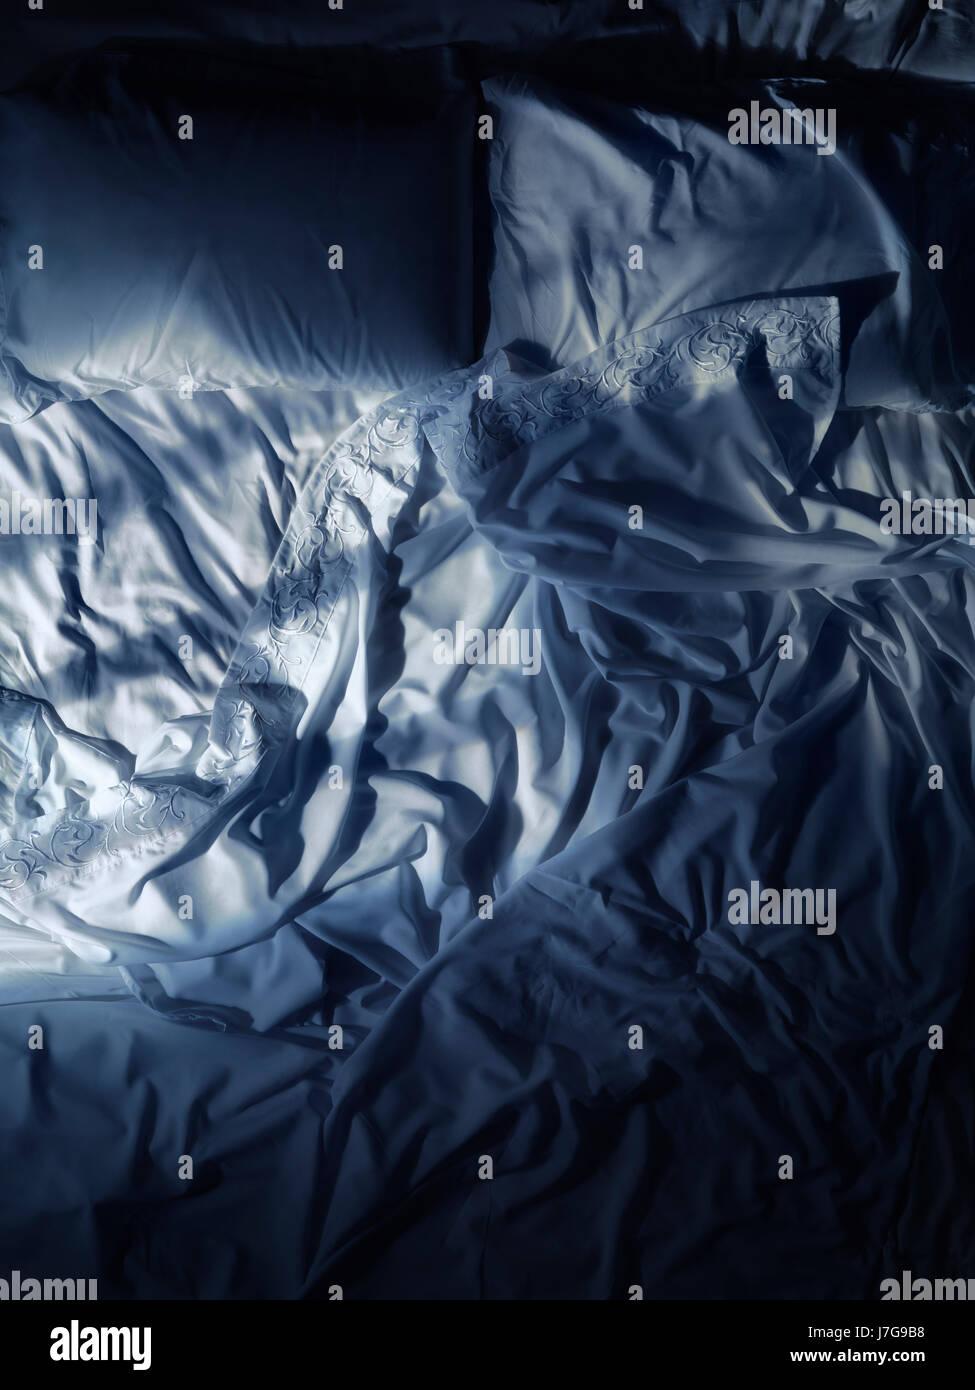 Disfatto letto vuoto, bianco lenzuola poco illuminata dalla luna di notte Immagini Stock